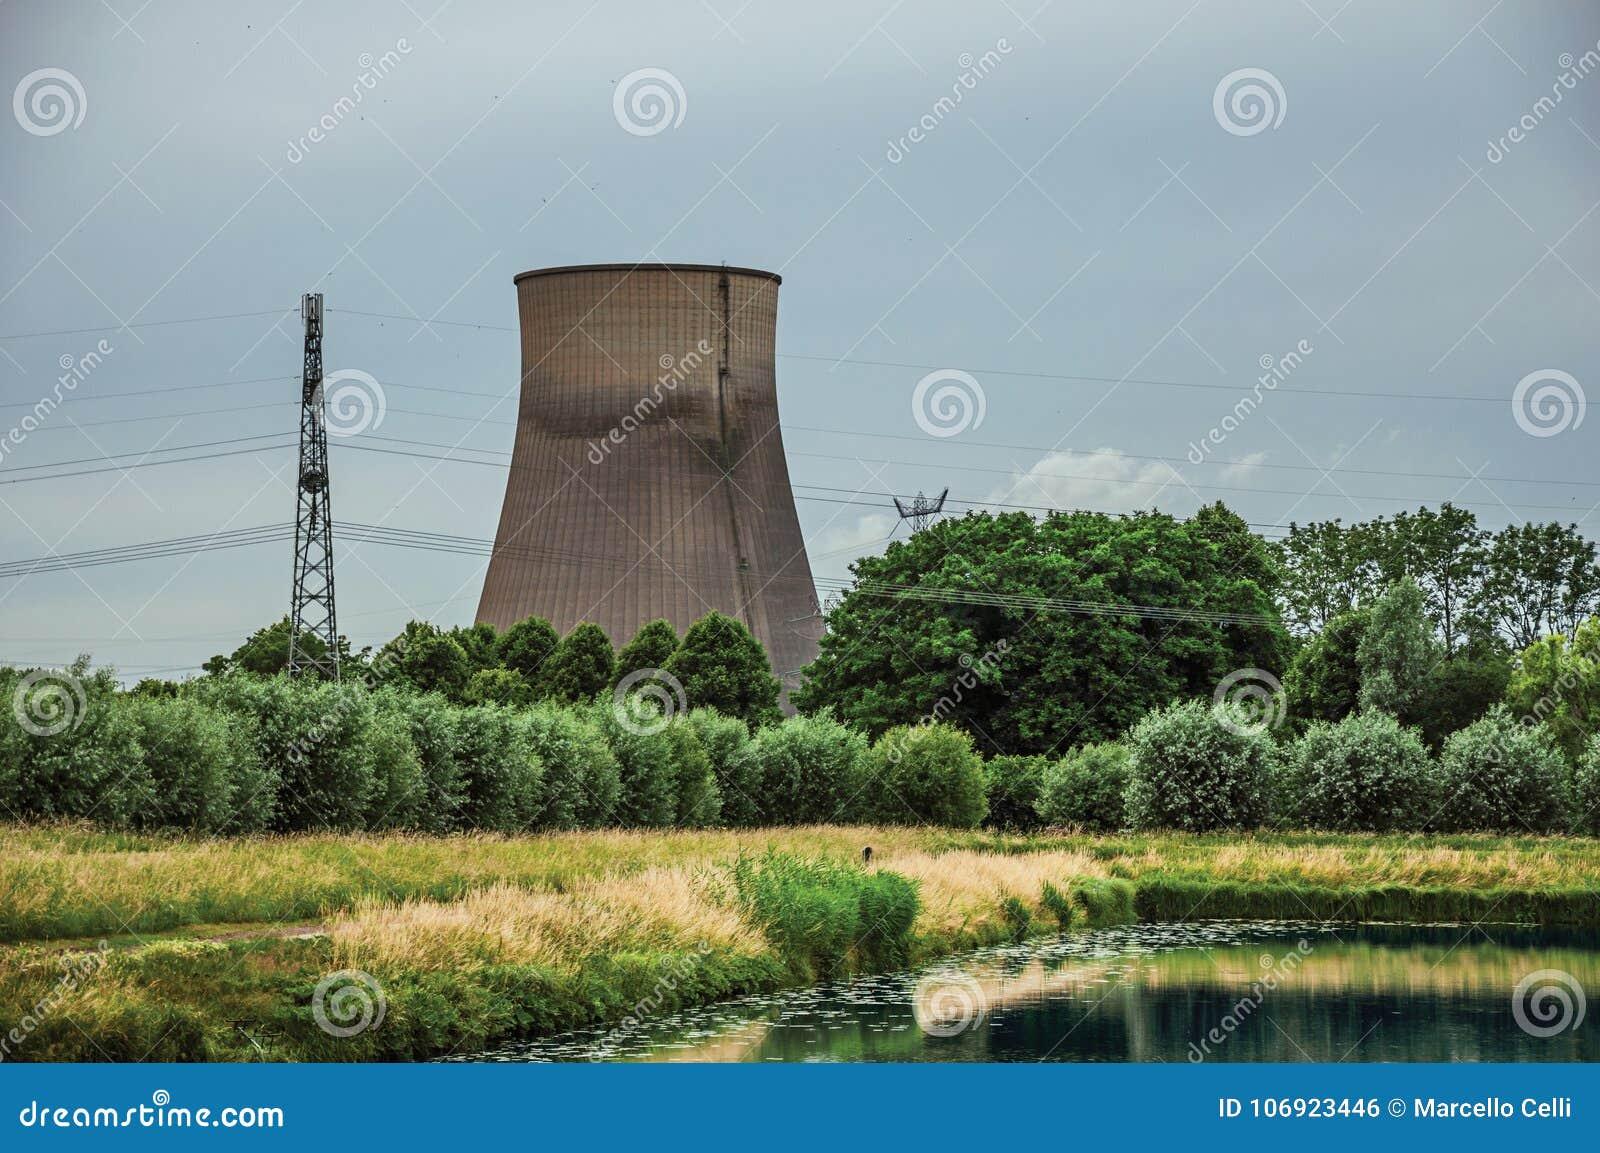 Widok kanał i ogródy z elektrownią jądrową w tle na chmurnym dniu blisko wioski Geertruidenberg,